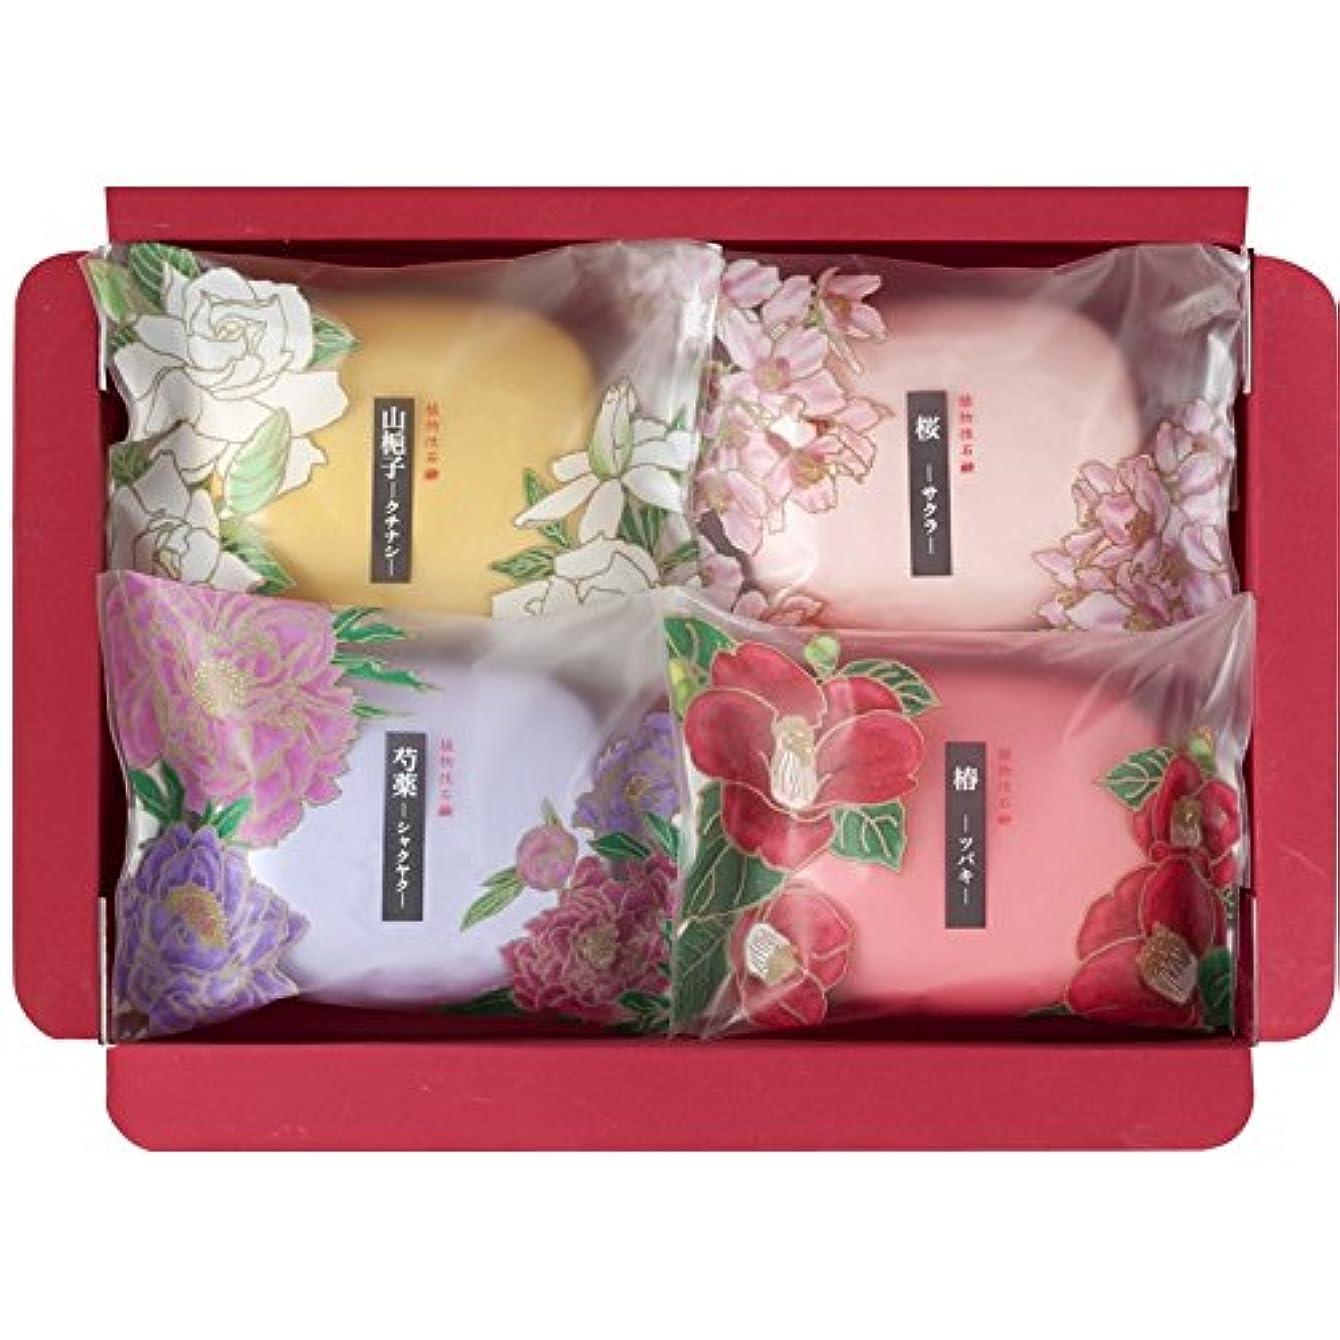 有彩色の部分徴収彩花だより SAK-05 【石けん 石鹸 うるおい いい香り 固形 詰め合わせ セット 良い香り 美容 個包装 肌に優しい 日本製】